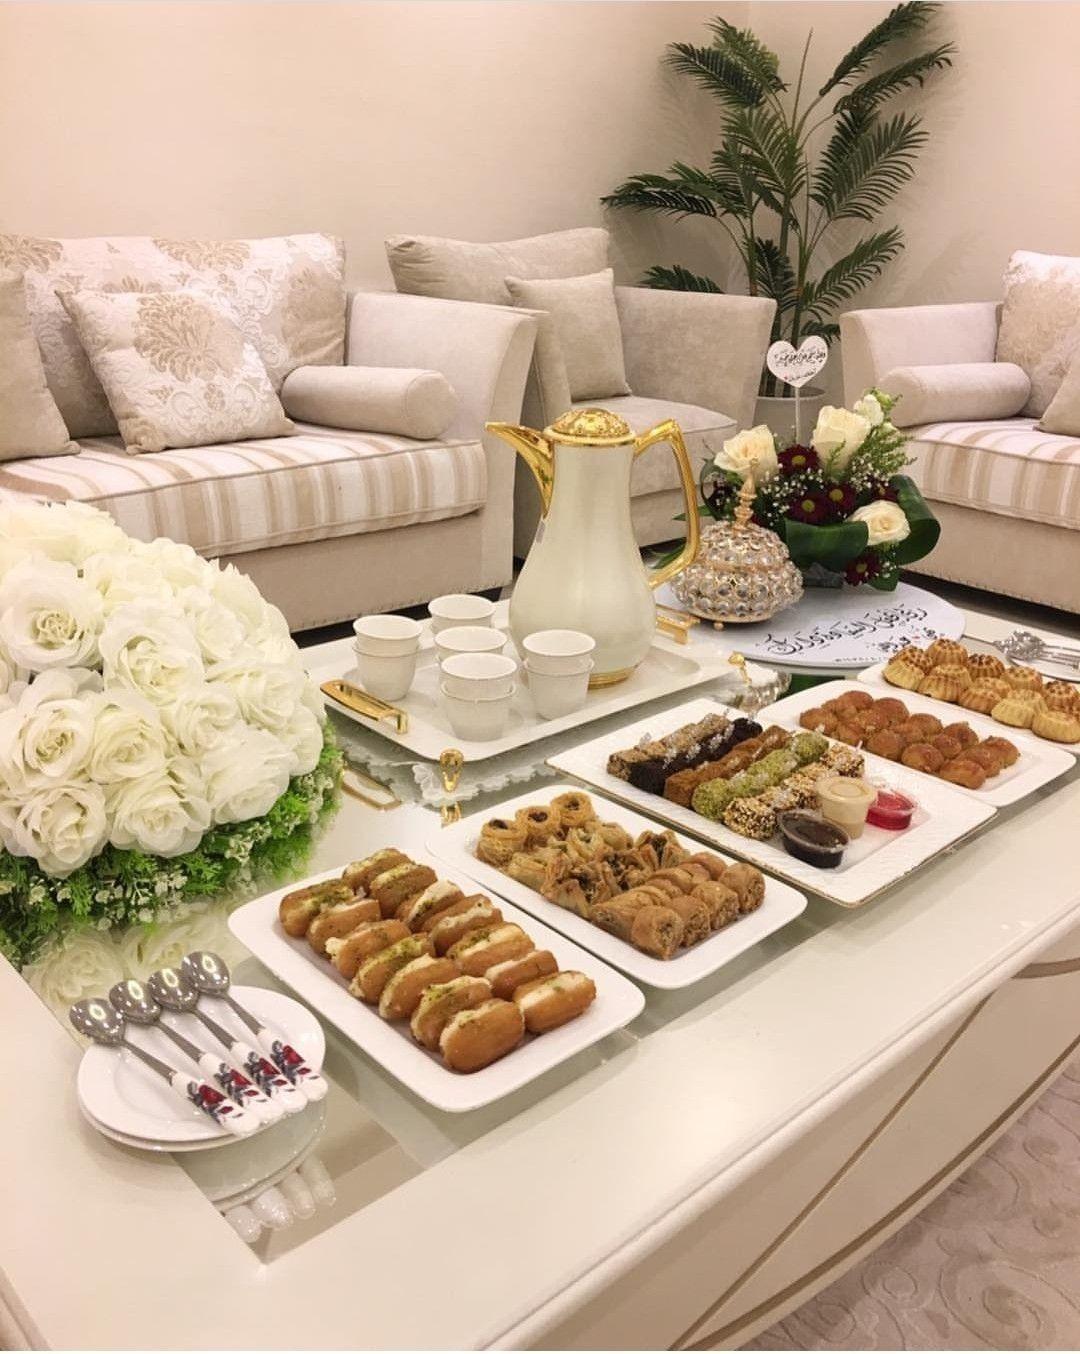 Pin By Afrah Ibrahim On 7alawiyat Buffet Food Tea Party Food Tea Time Food